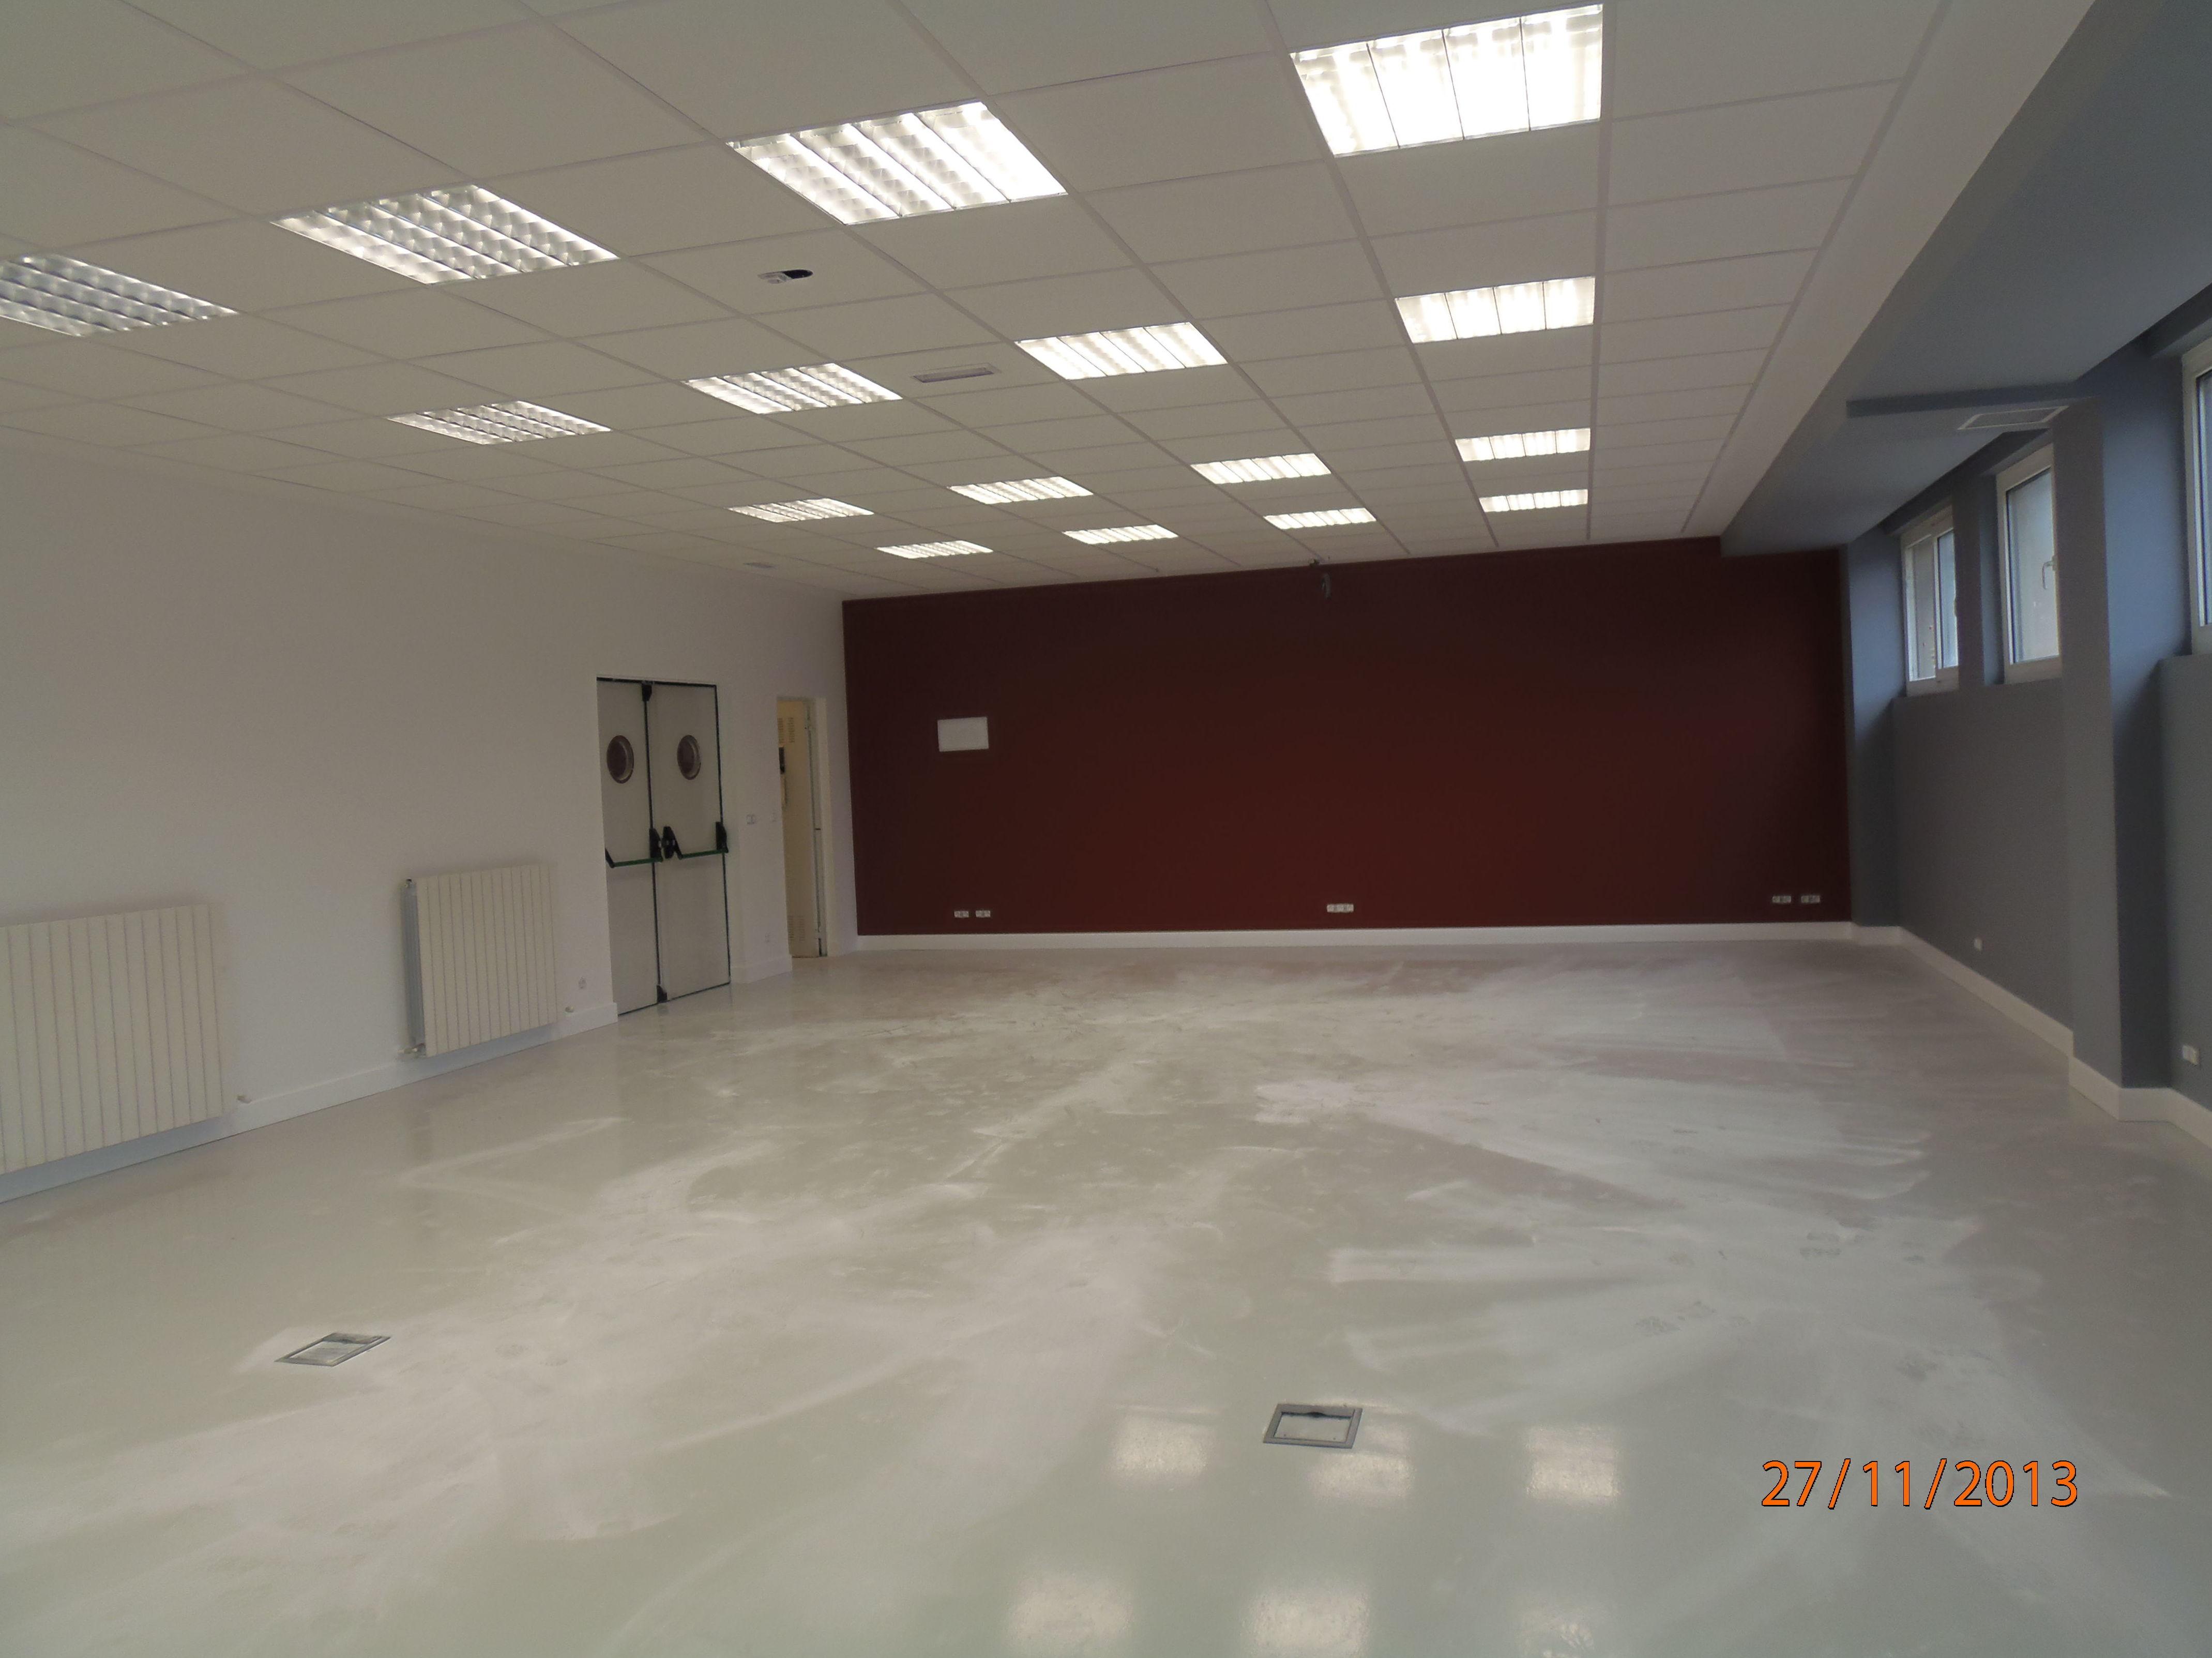 Foto 18 de Empresas de construcción en Getxo | Arkibatz